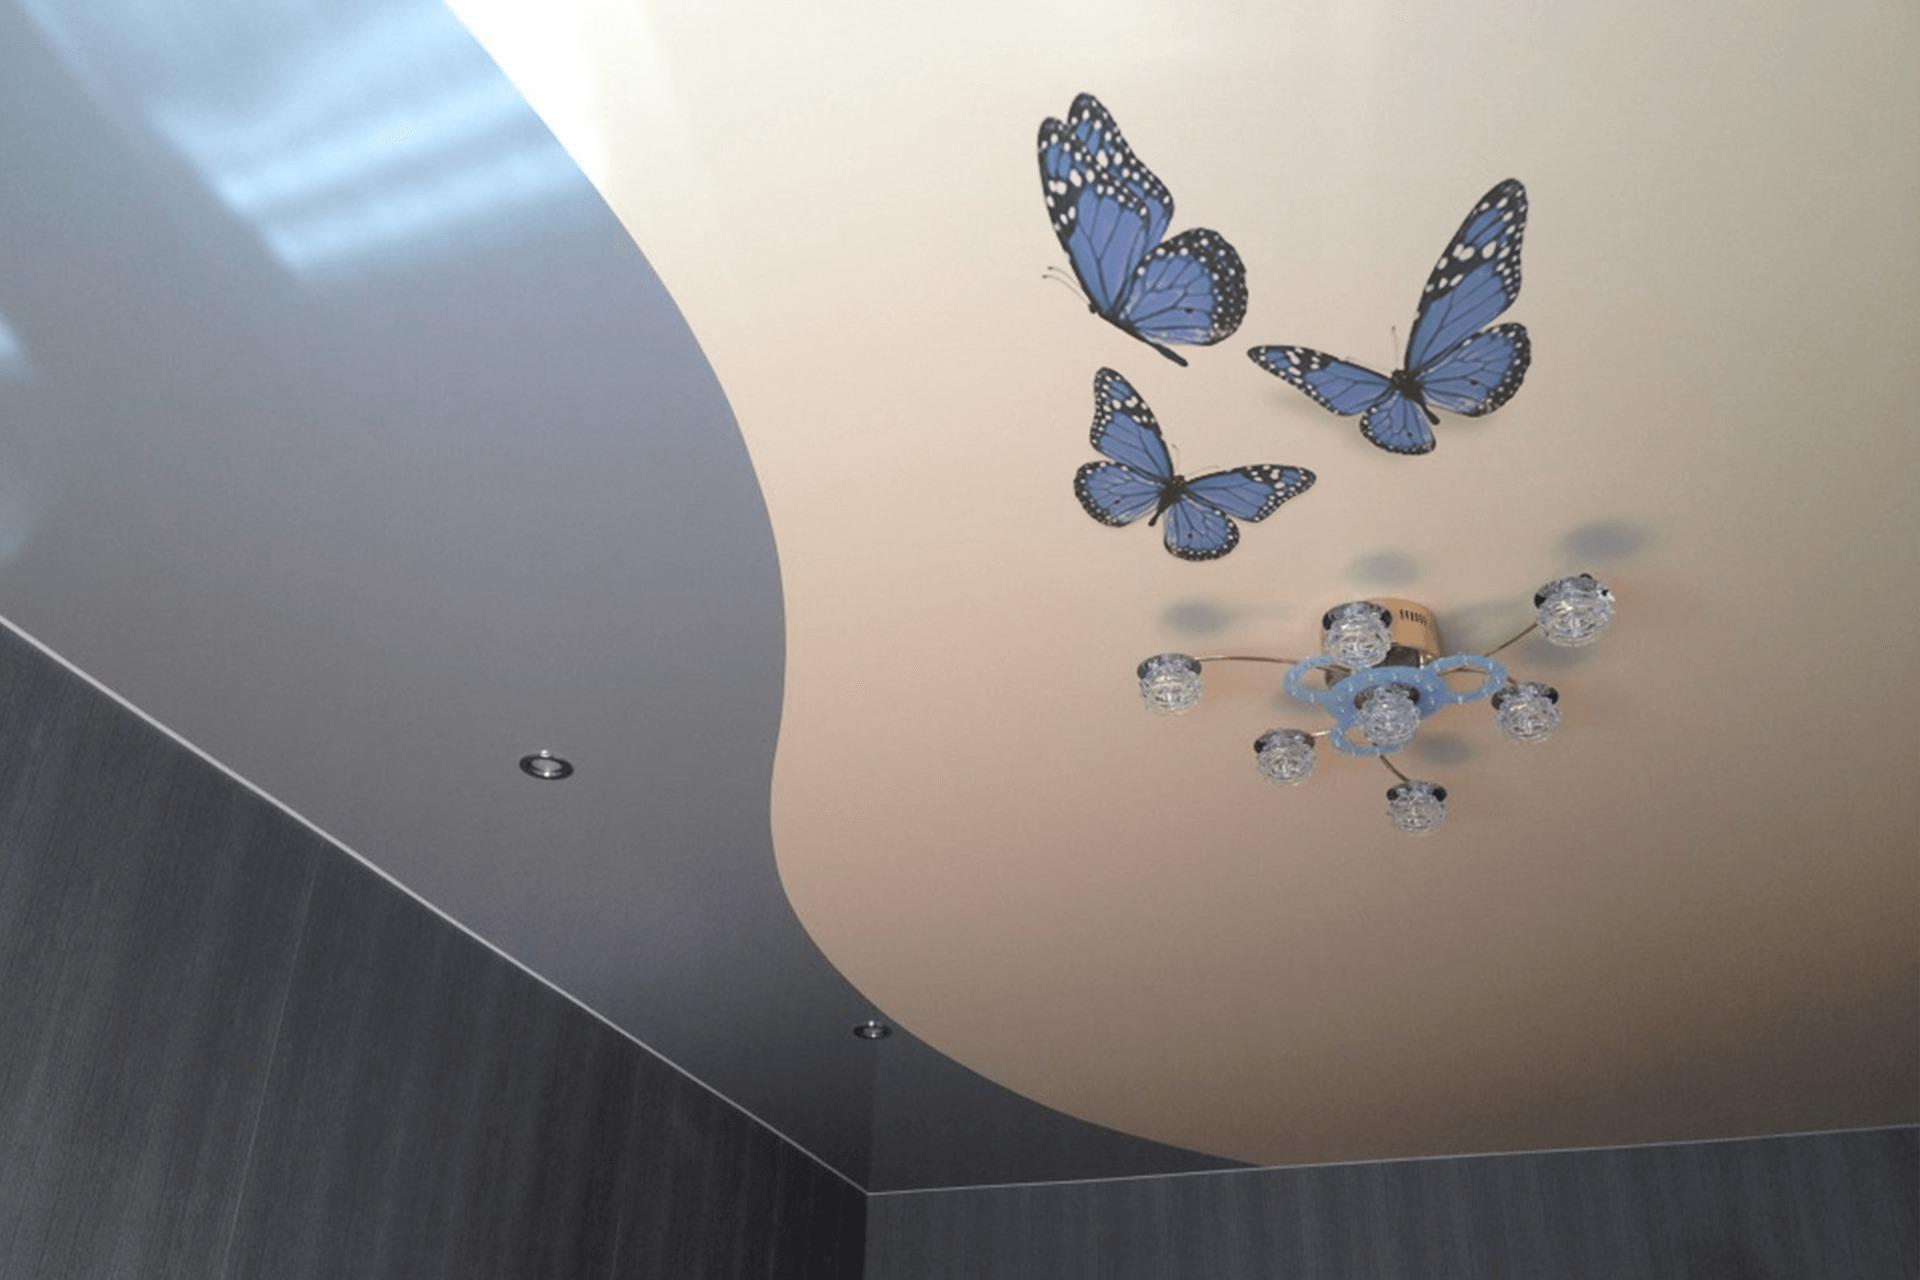 Спайка двух полотен, одно из которых с фотопечатью бабочки